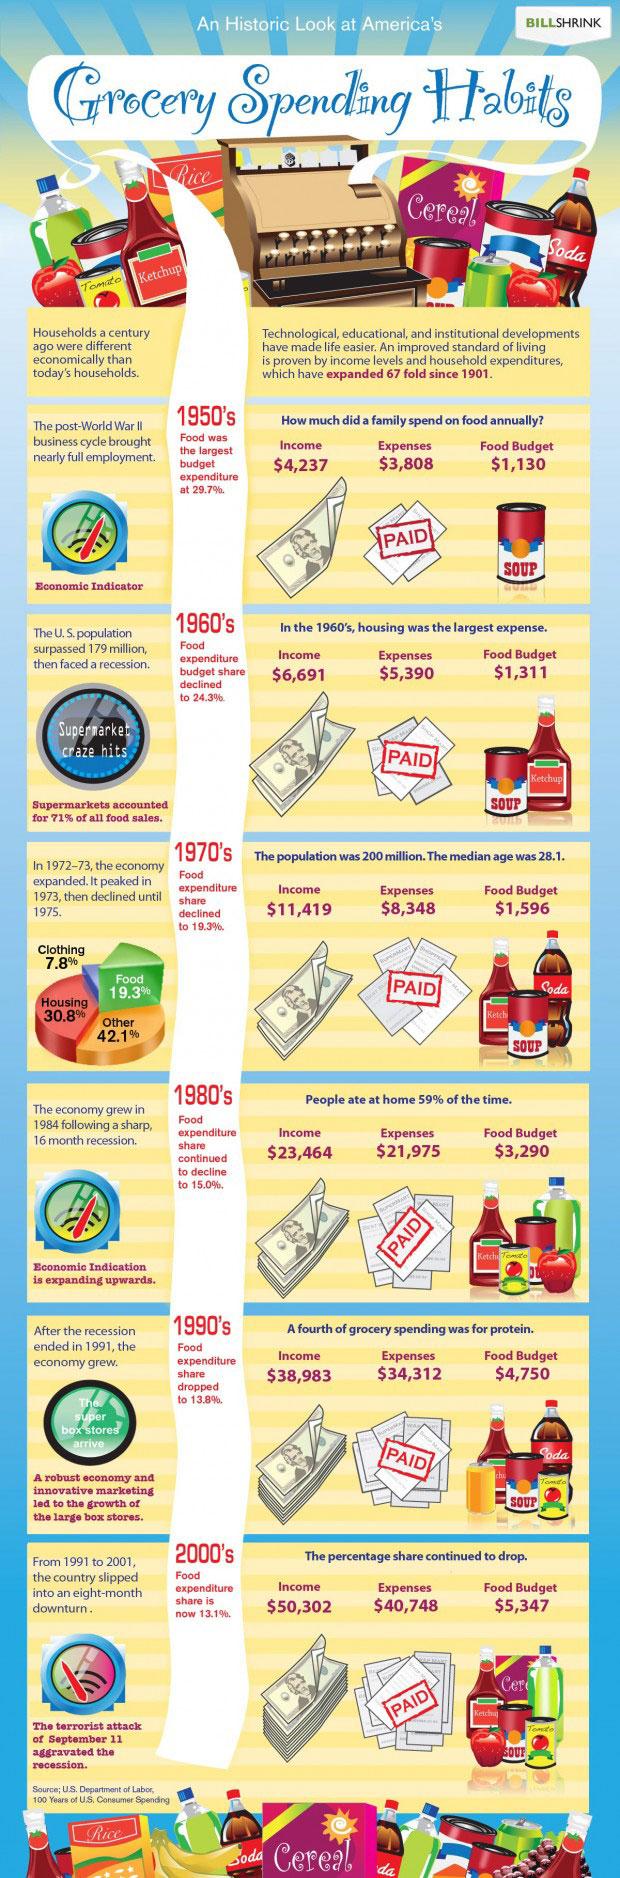 Infographic Boodschappen doen in Amerika, toen en nu